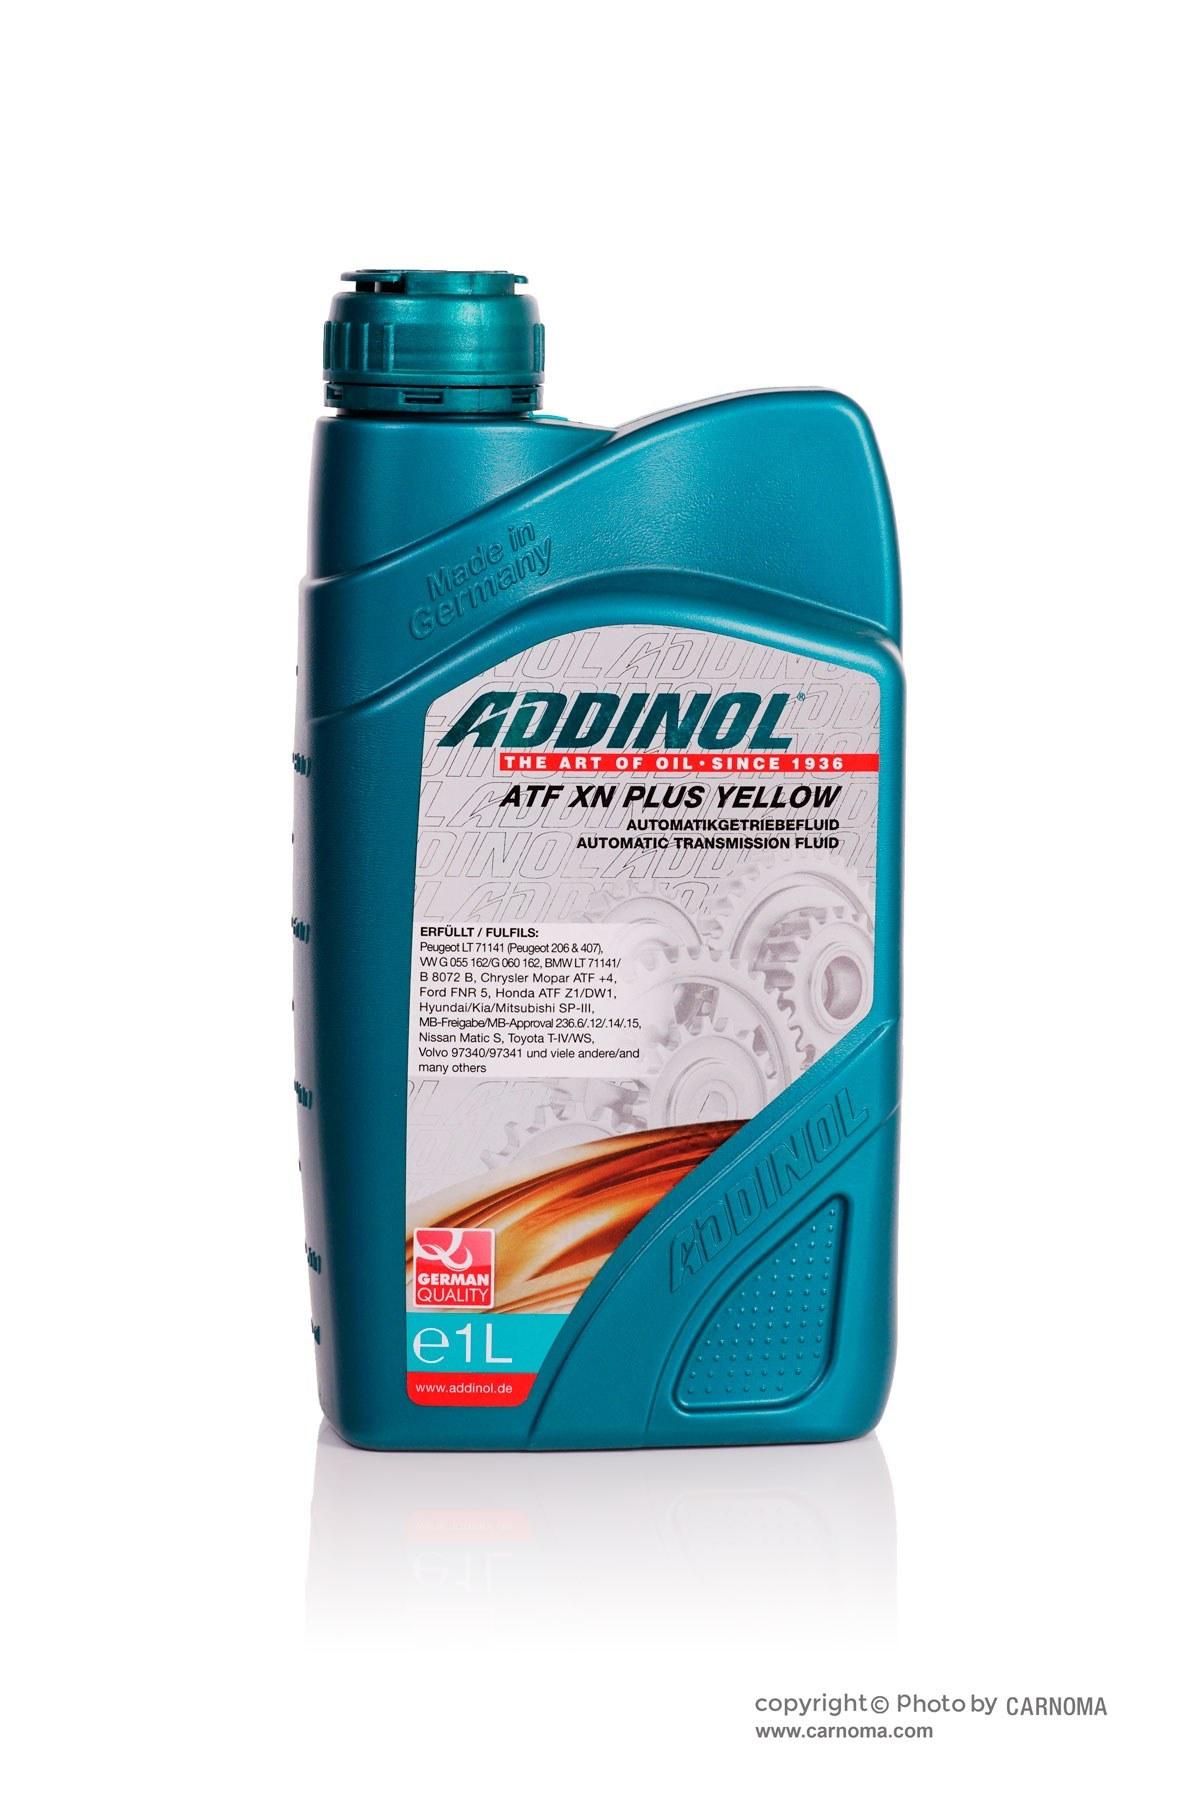 تصویر روغن گیربکس ادینول ATF XN PLUS YELLOW حجم یک لیتر ا Addinol Addinol XN Plus Yellow 1Lit Addinol Addinol XN Plus Yellow 1Lit